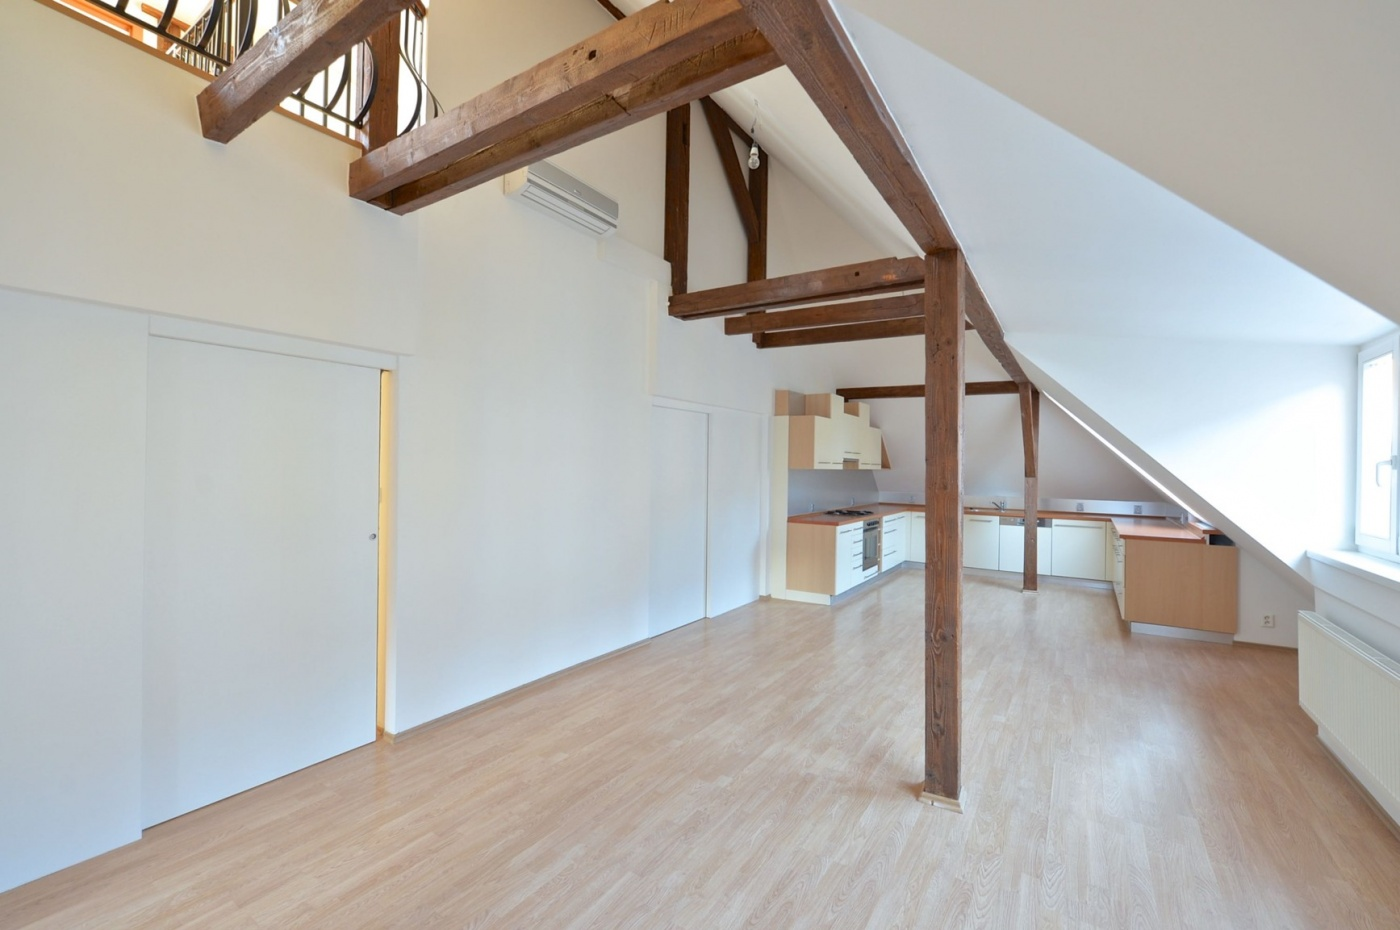 Půdní byt 4+kk, plocha 145 m², ulice Hradeckých, Praha 4 - Nusle | 1